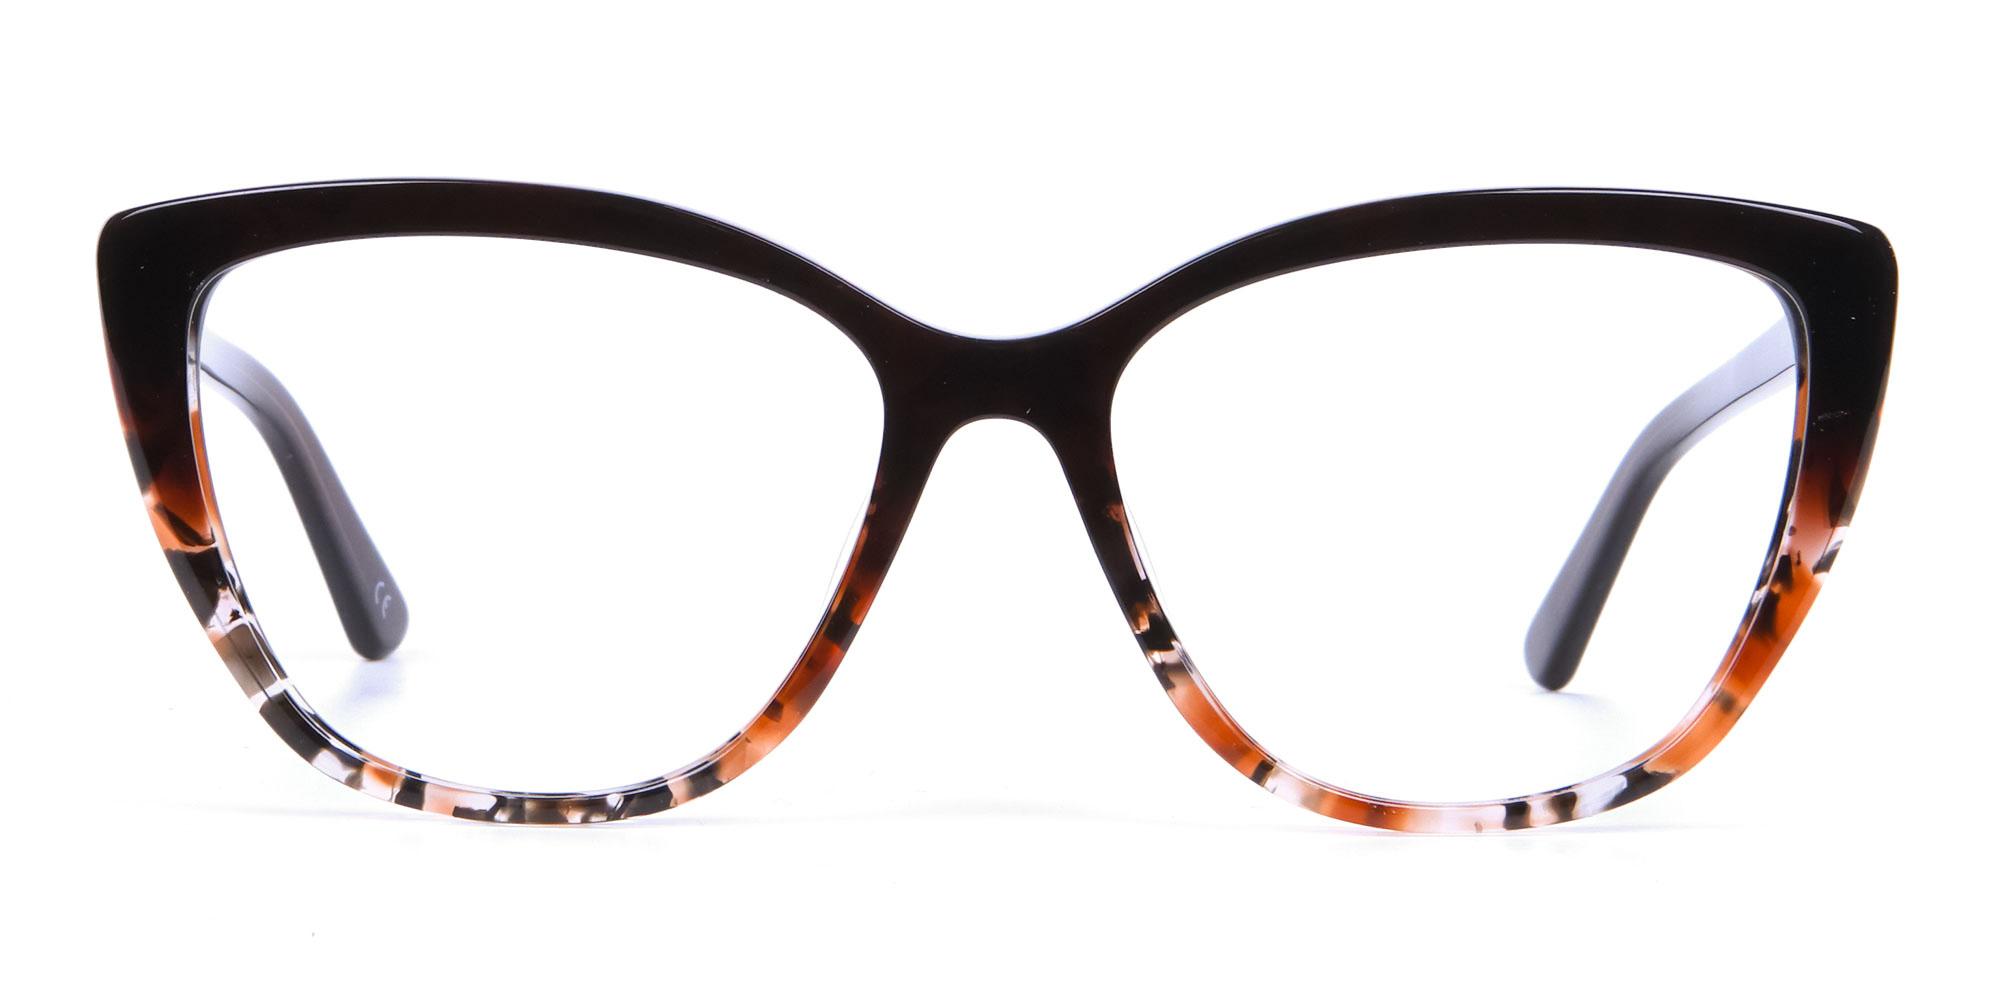 Brown Oversized Tortoiseshell Glasses for triangle face shape